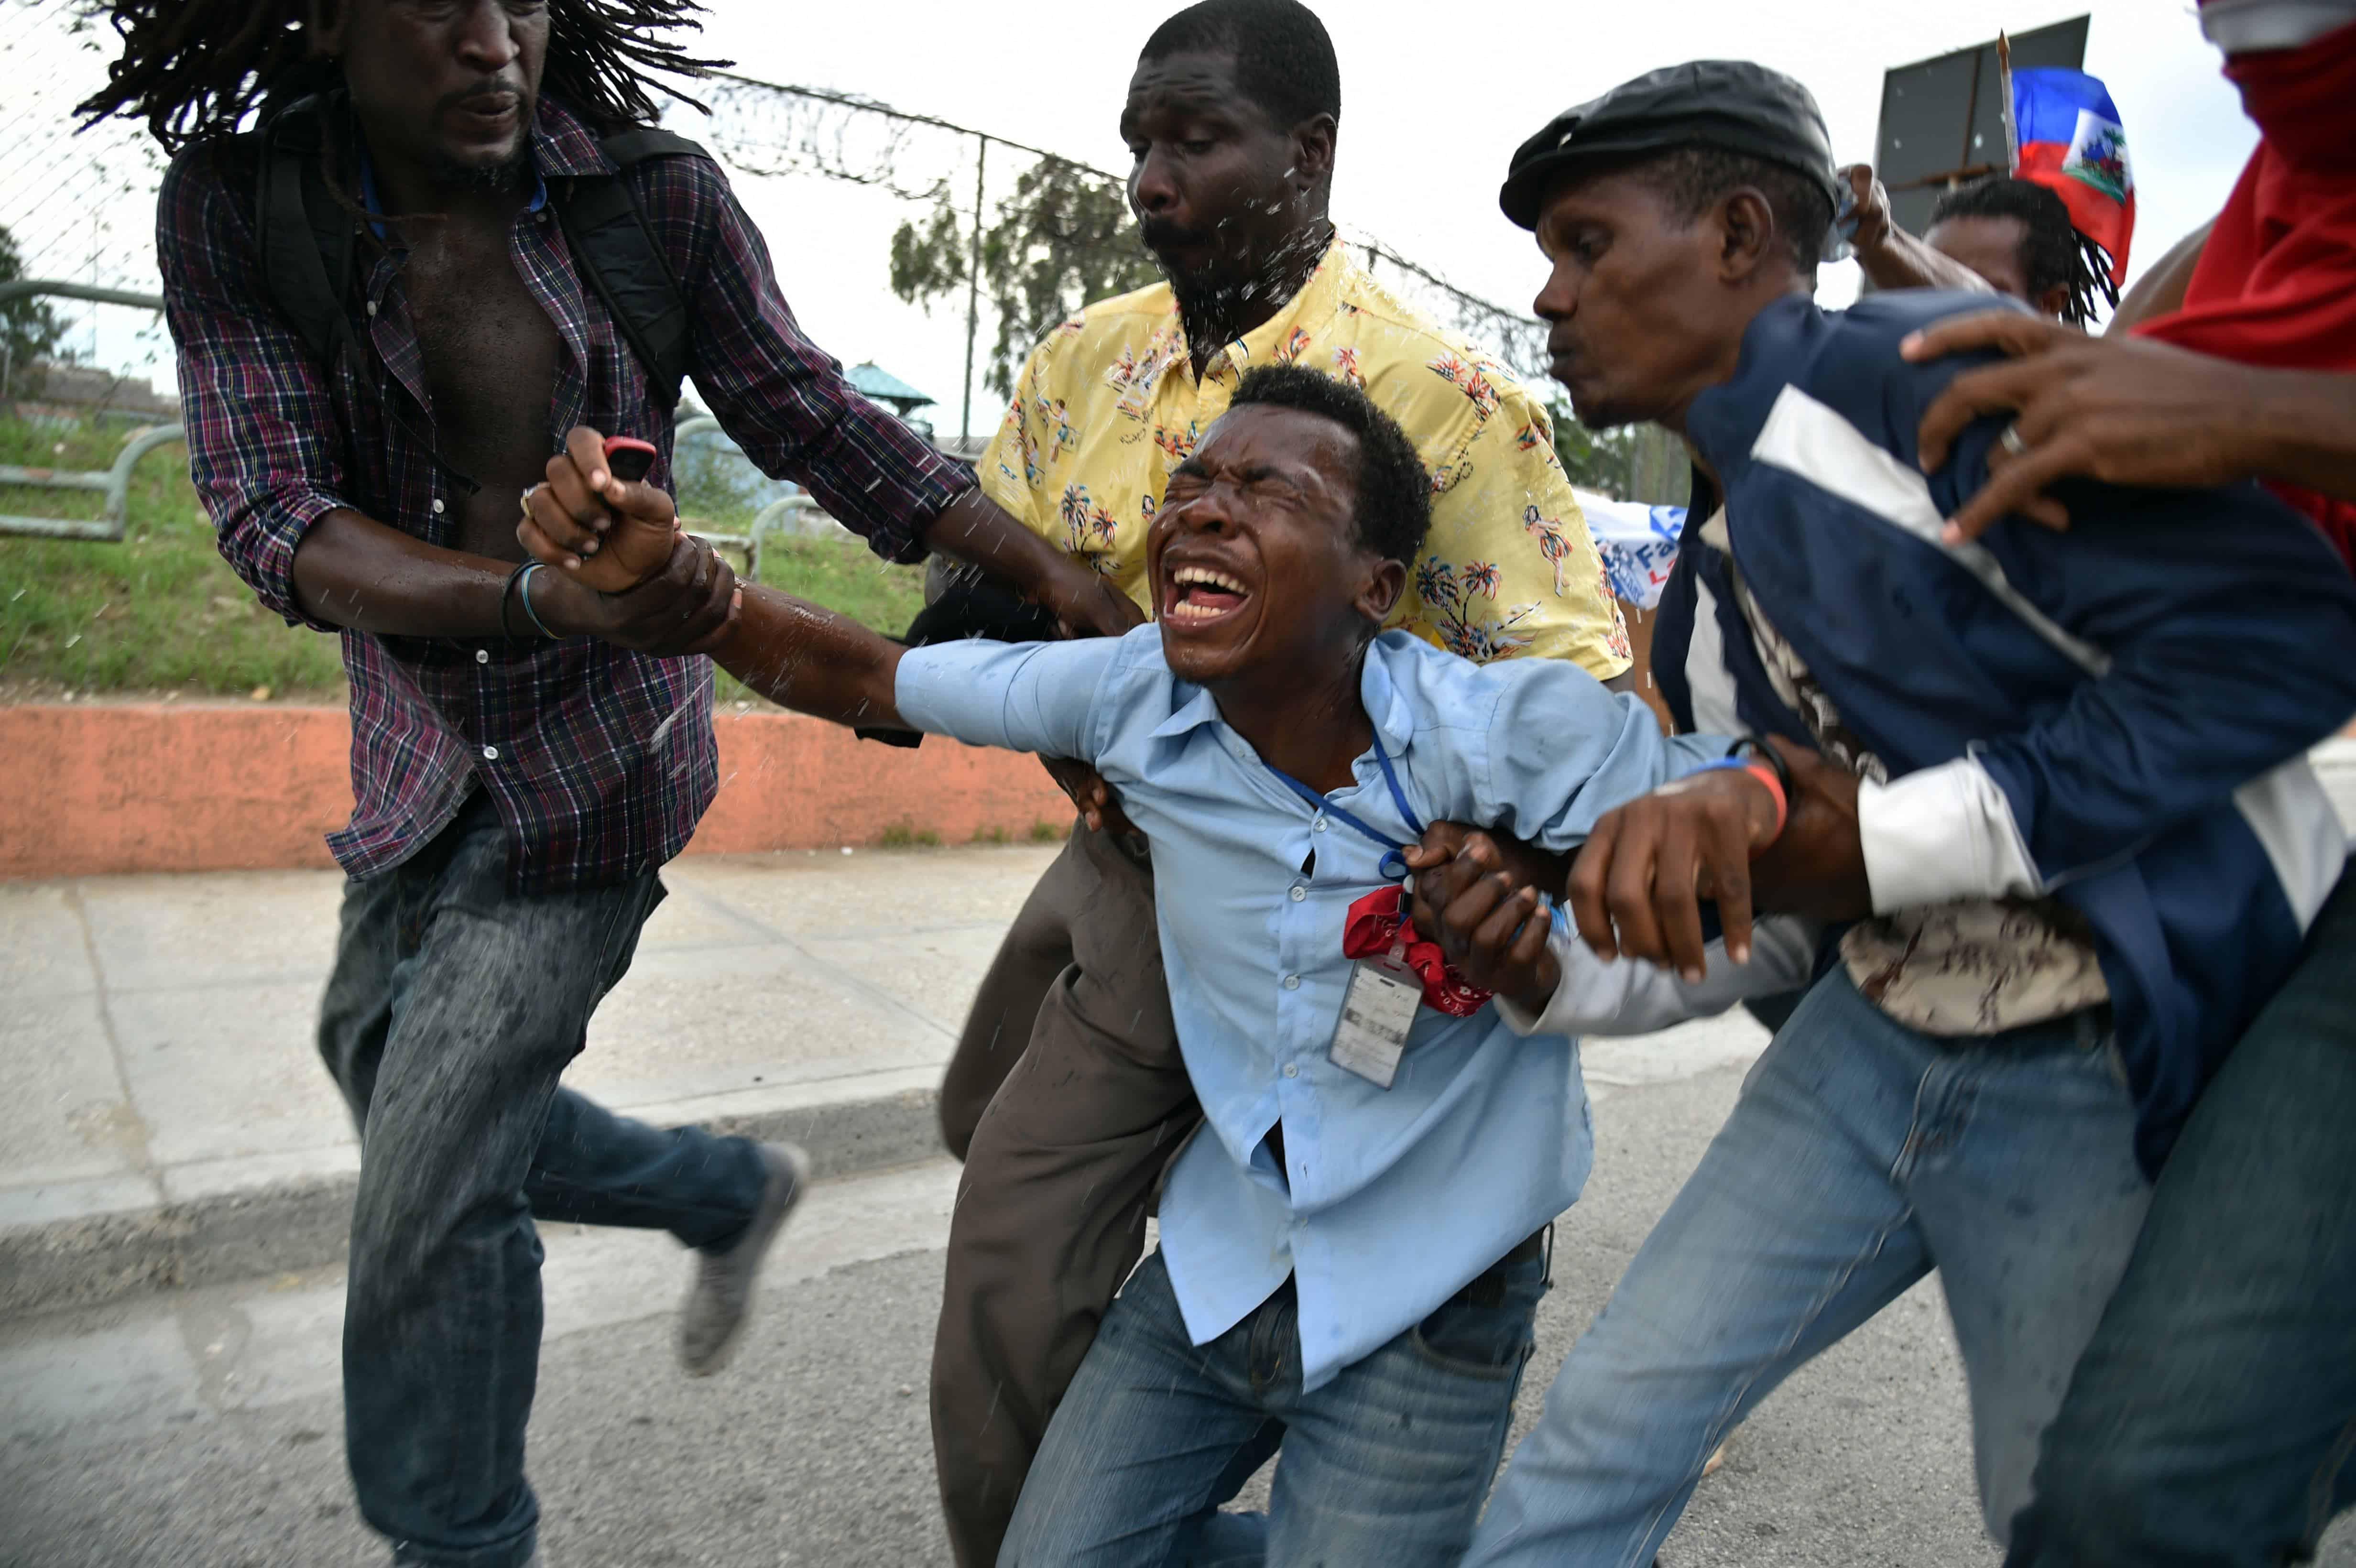 Haiti elections tear gas